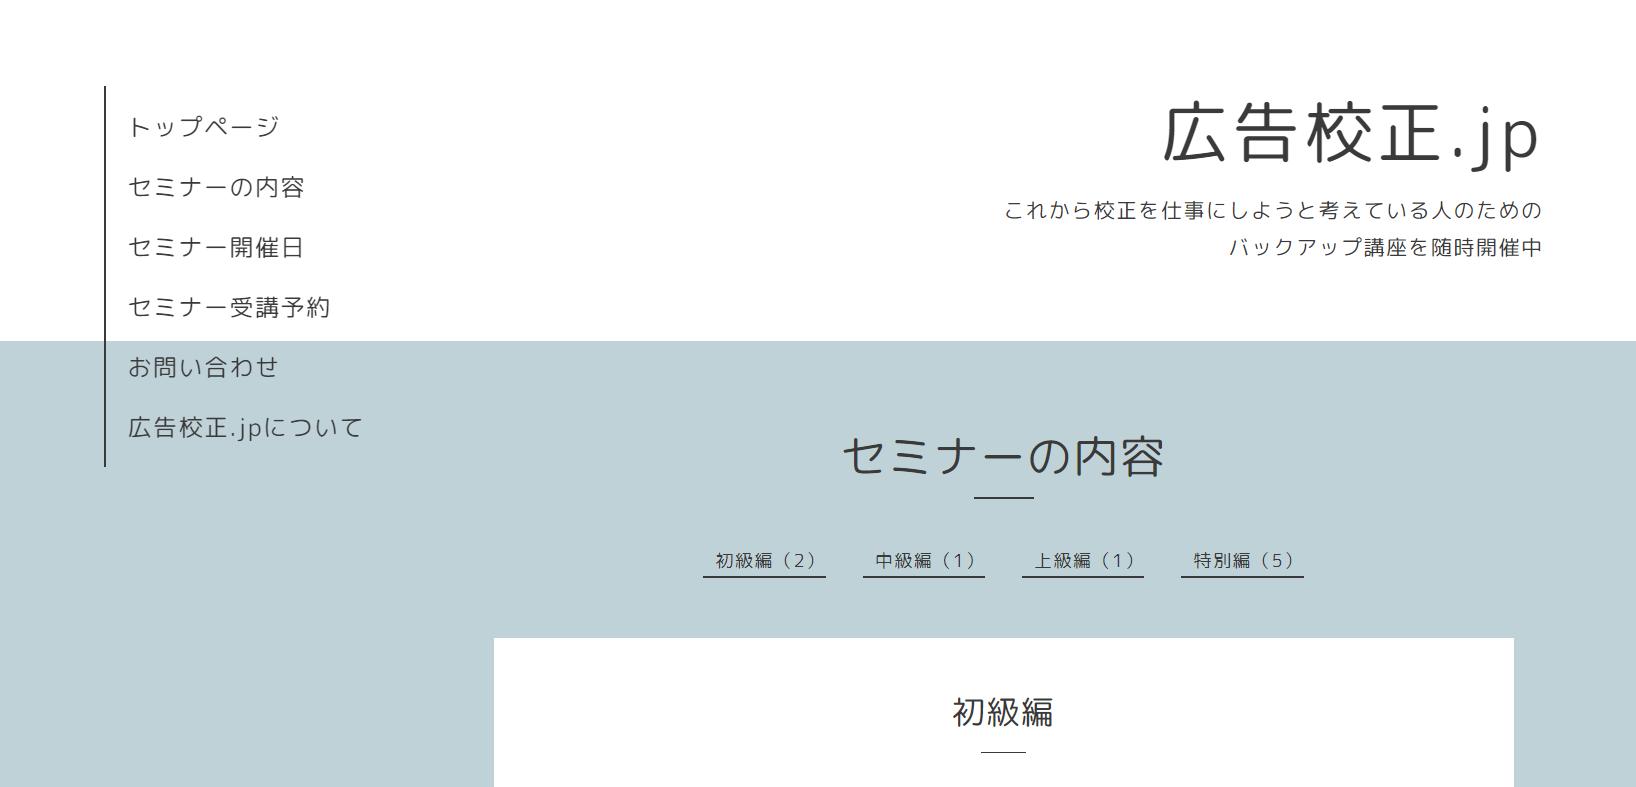 校正会社広告校正.jpのセミナー